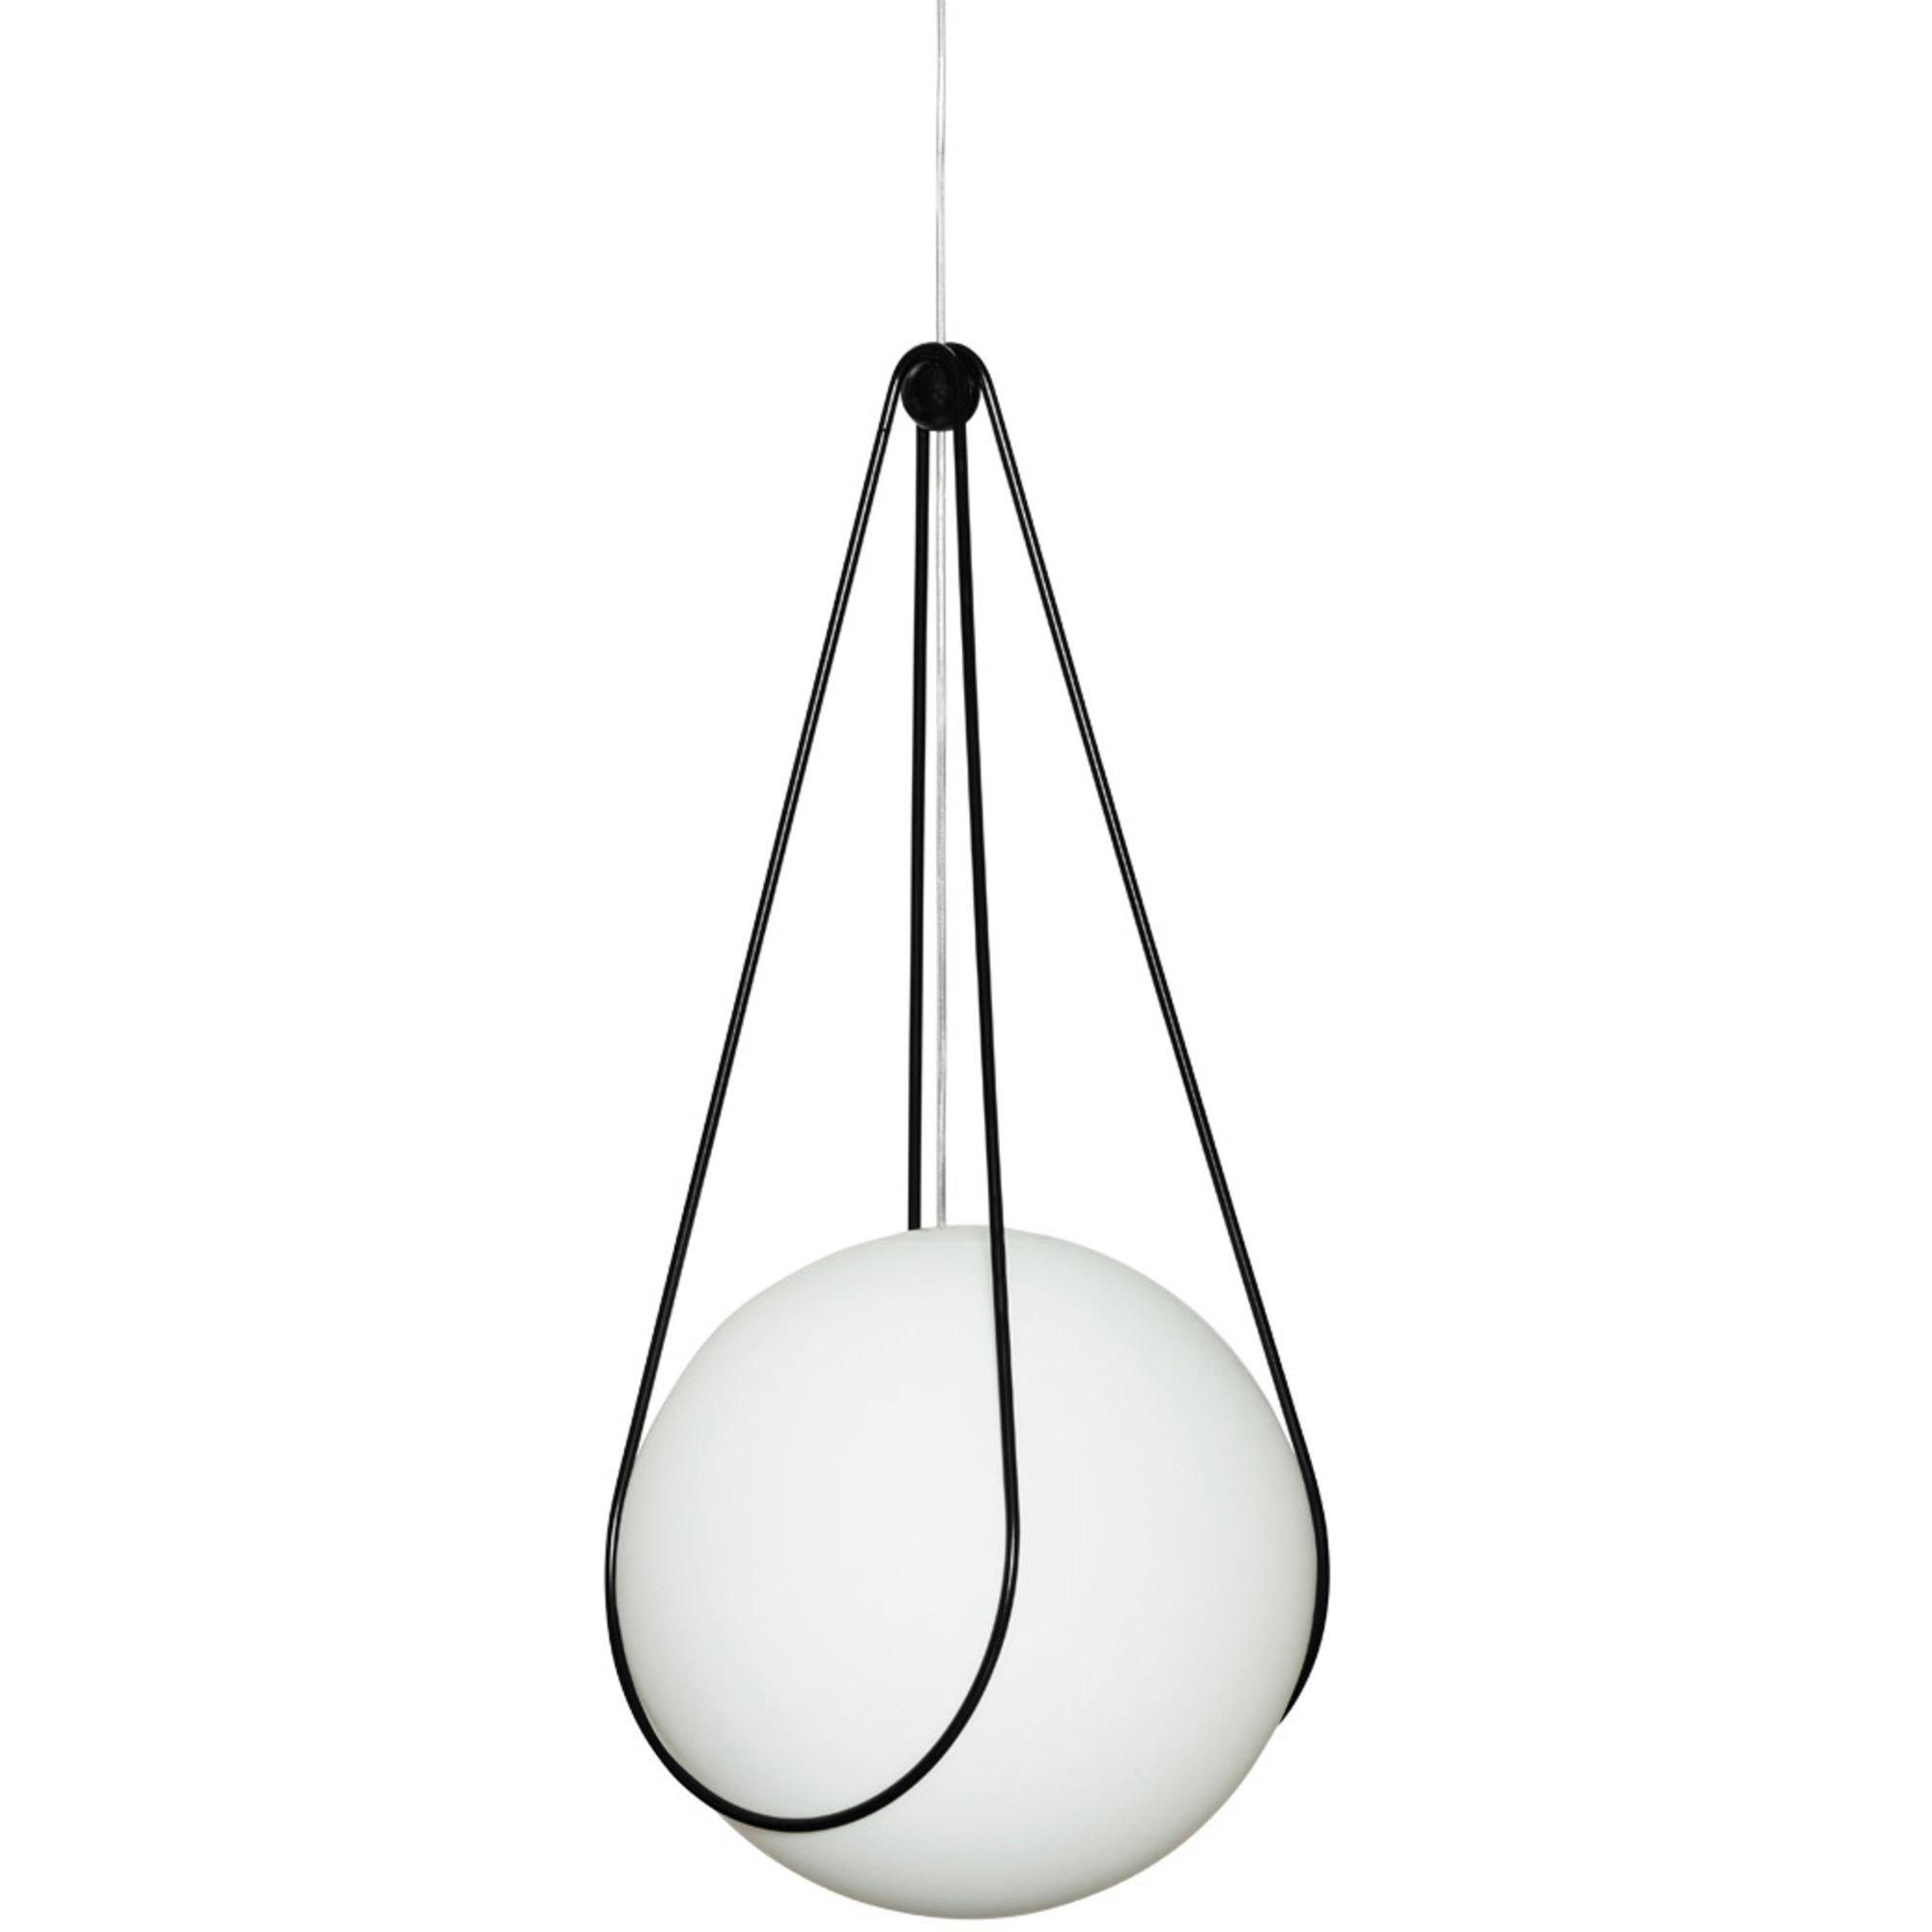 Design House Stockholm Kosmos hållare för Luna Lampa Svart 40cm